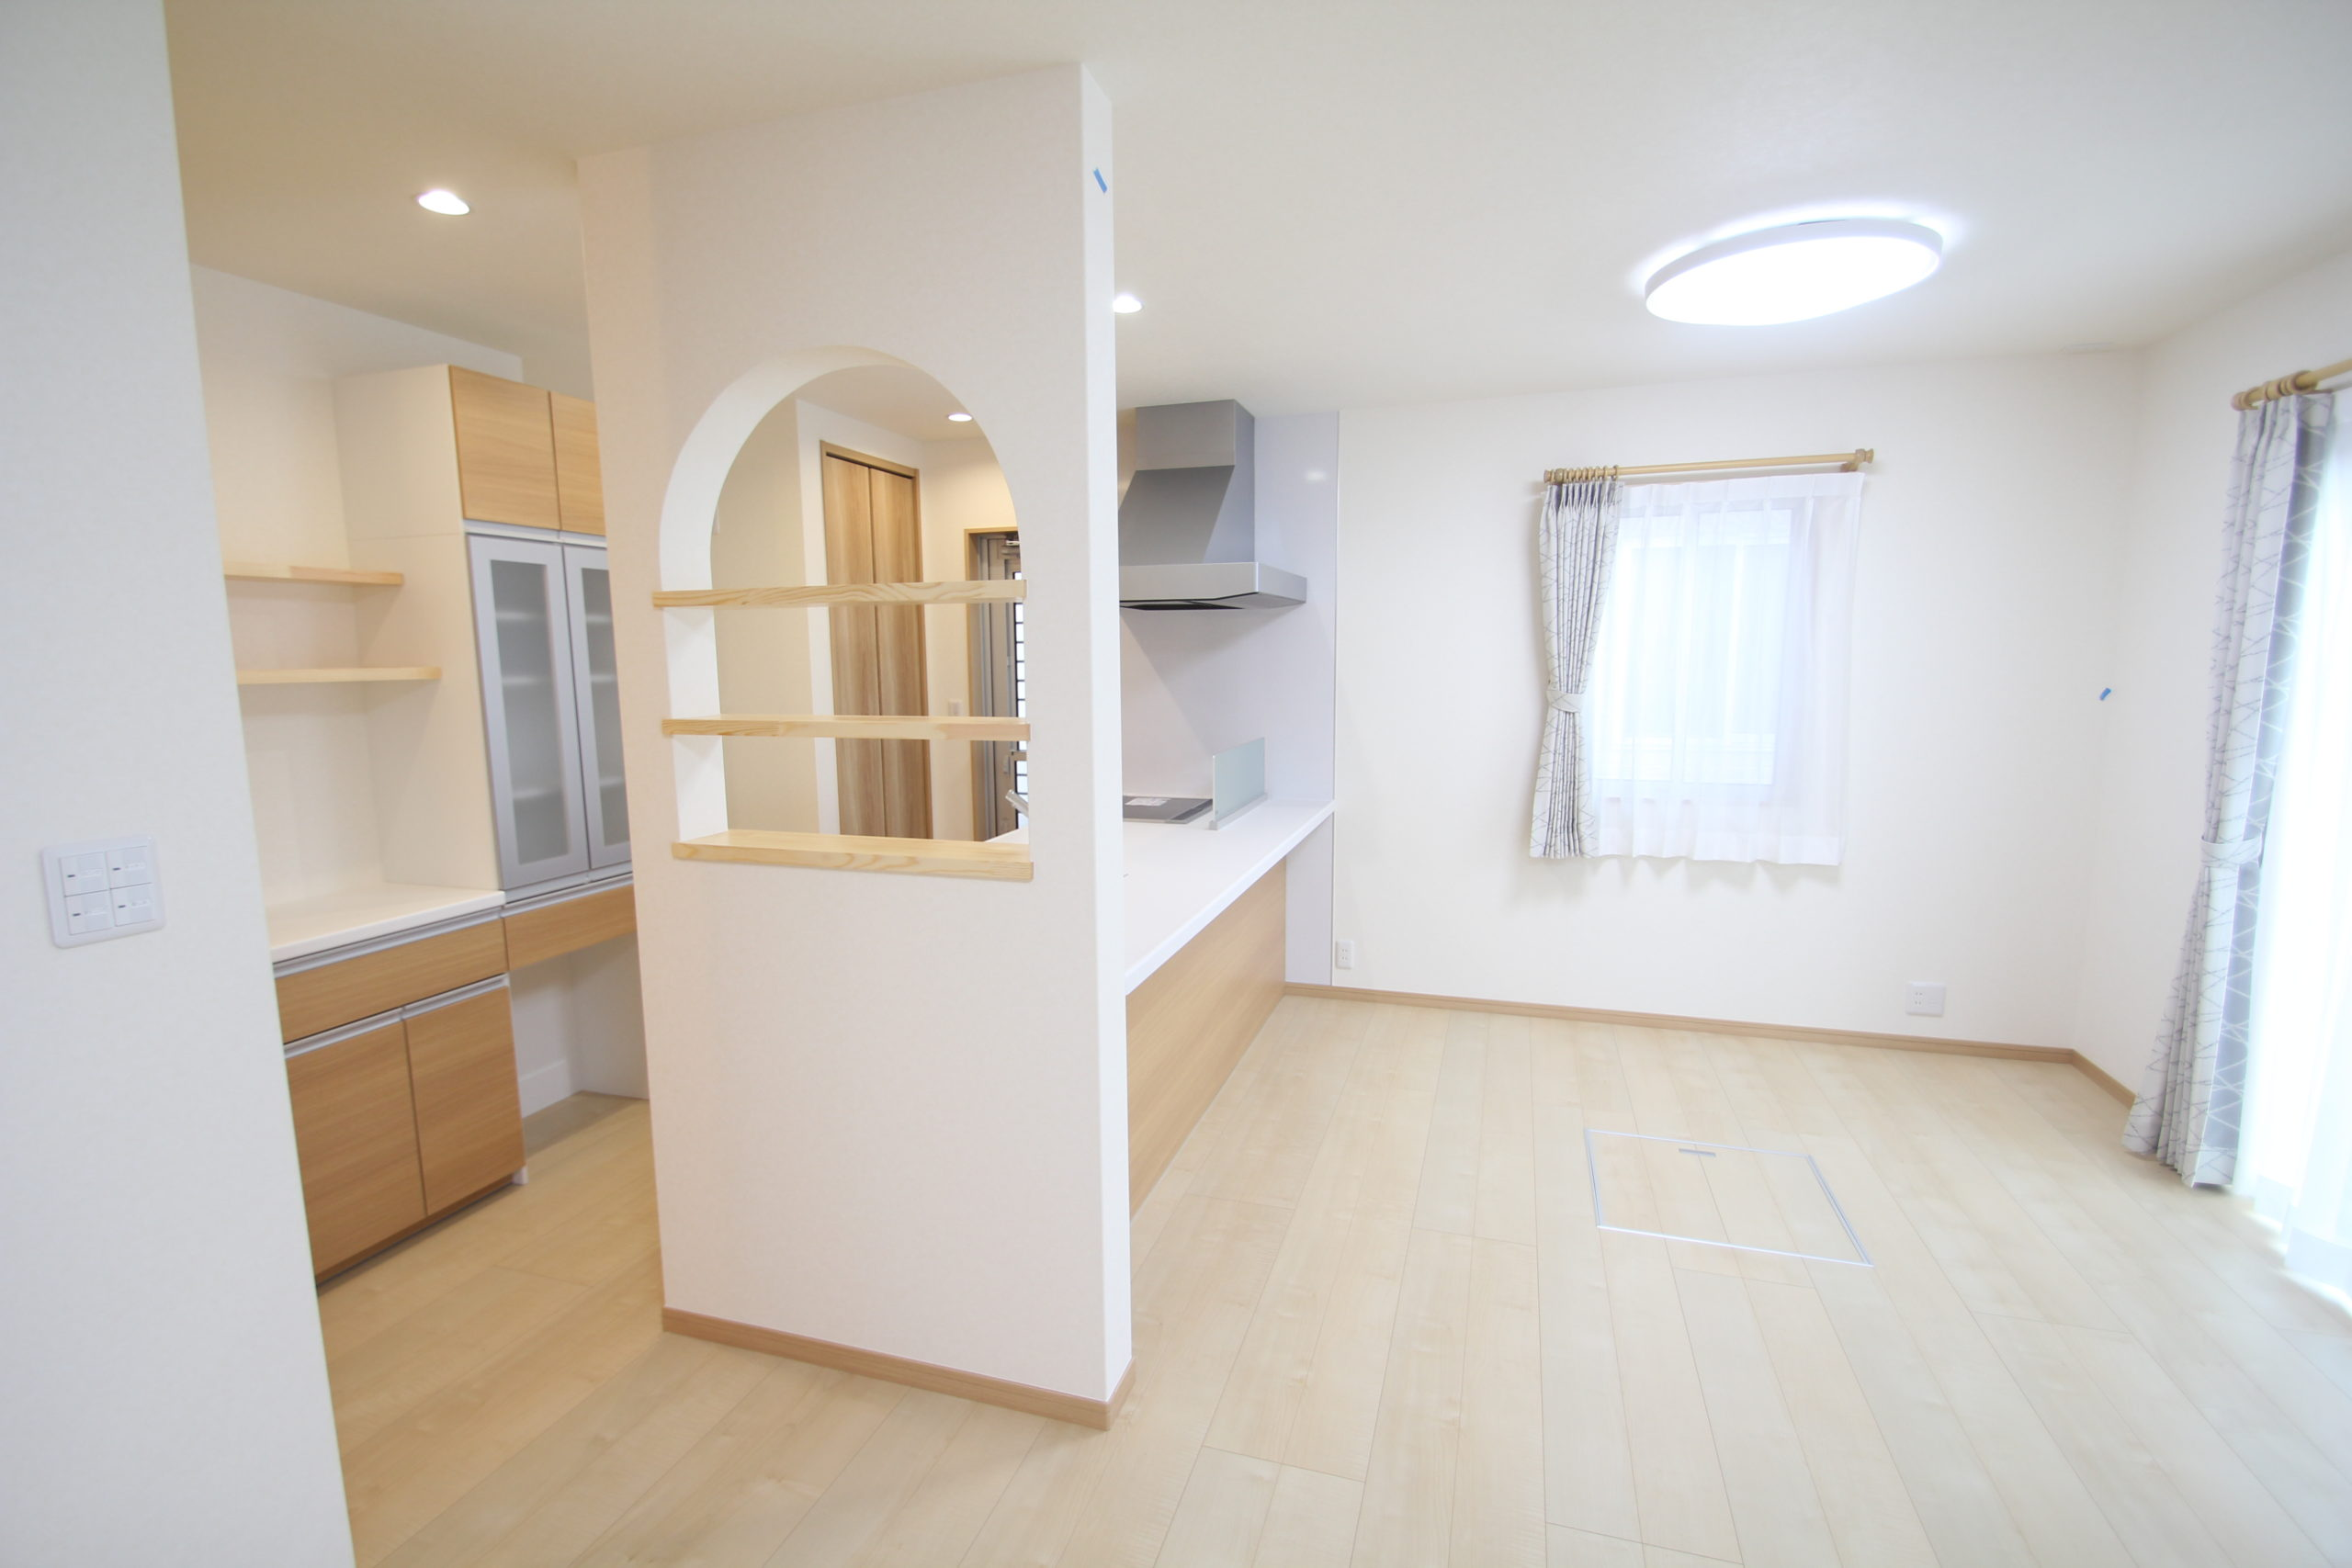 キッチンの横壁小物を置ける棚を設けています。<br /> 炊事をしながらリビングのの様子が見れます